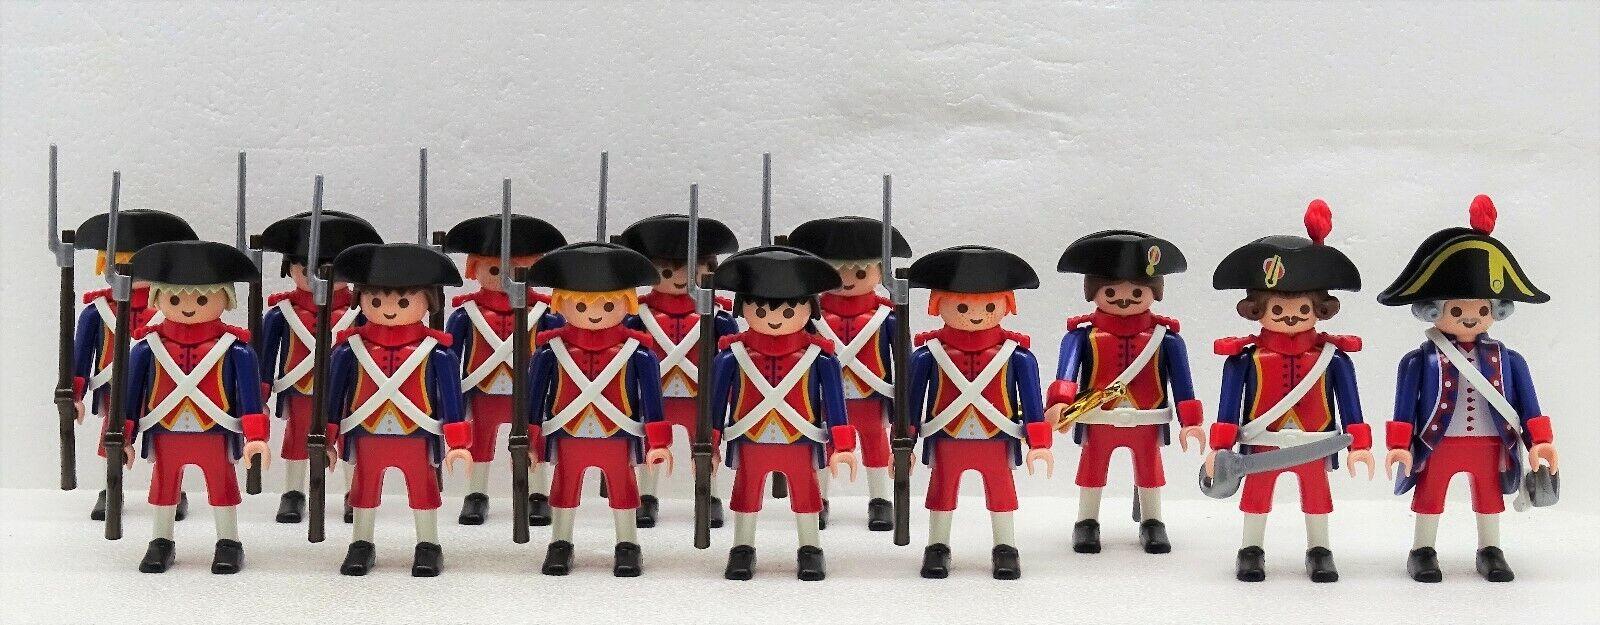 13 Francese  Soldati Playmobil per Prossoezione Set Super 2 - Napoleone Cinghia  con il 100% di qualità e il 100% di servizio